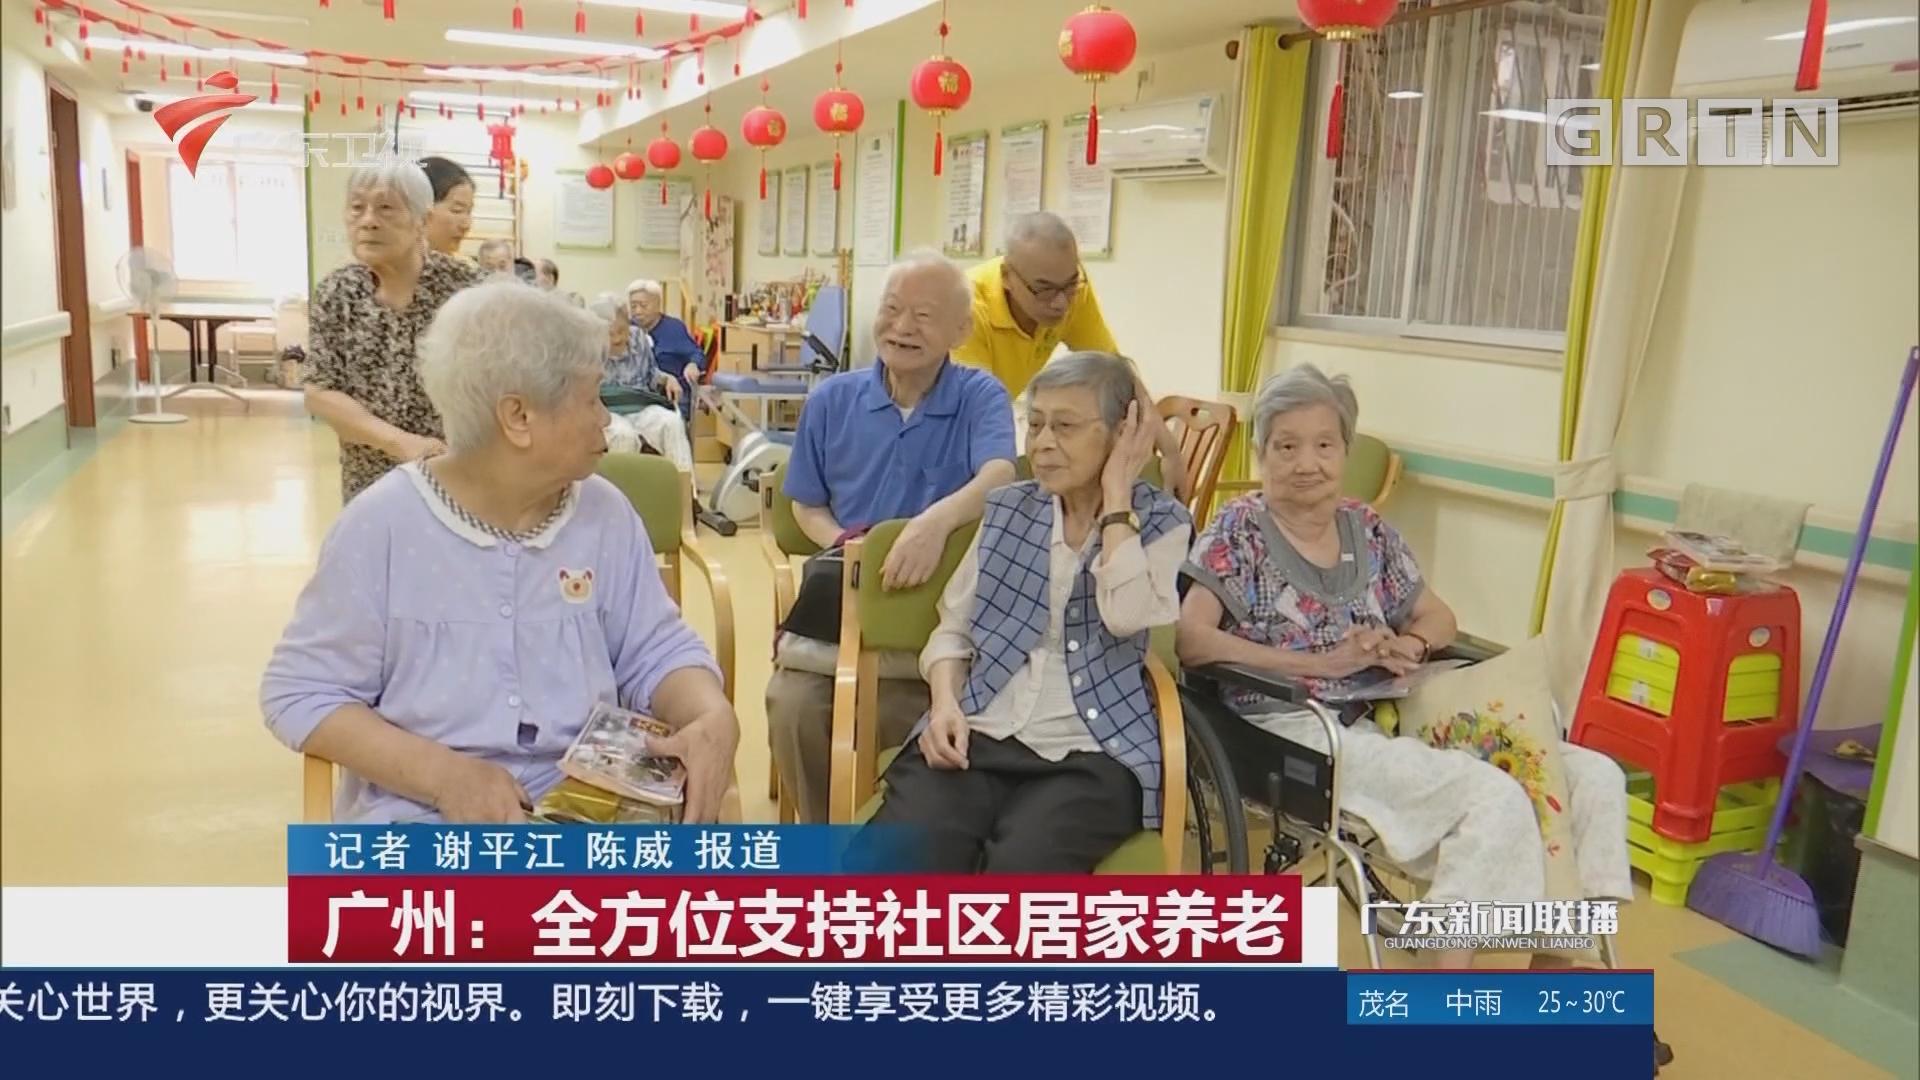 广州:全方位支持社区居家养老